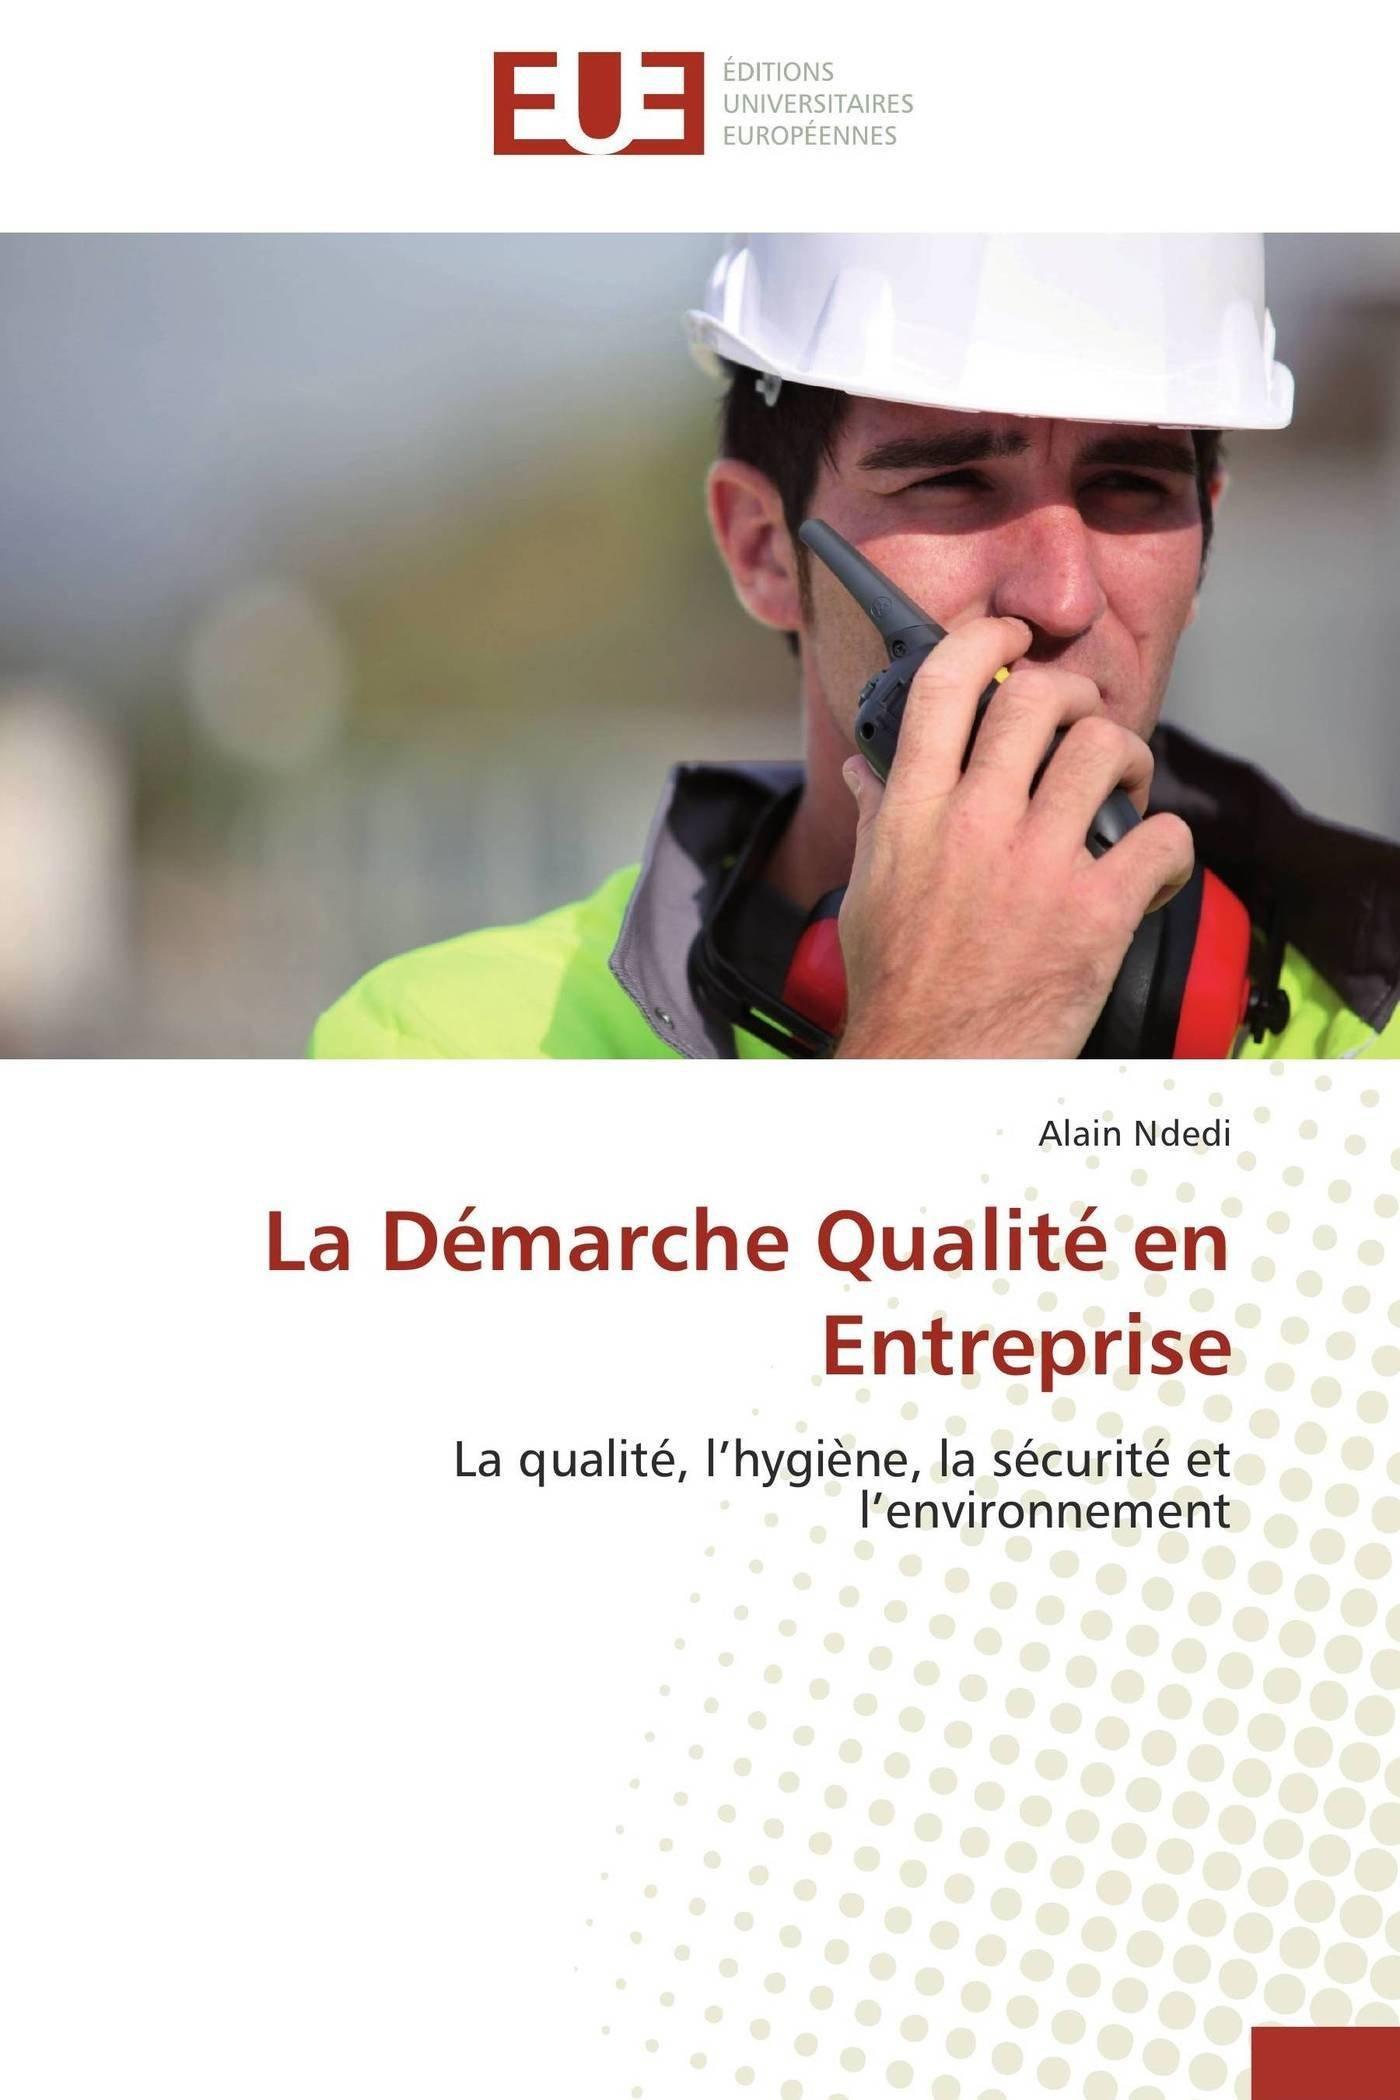 La Démarche Qualité en Entreprise: La qualité, l'hygiène, la sécurité et l'environnement (Omn.Univ.Europ.) (French Edition) ebook